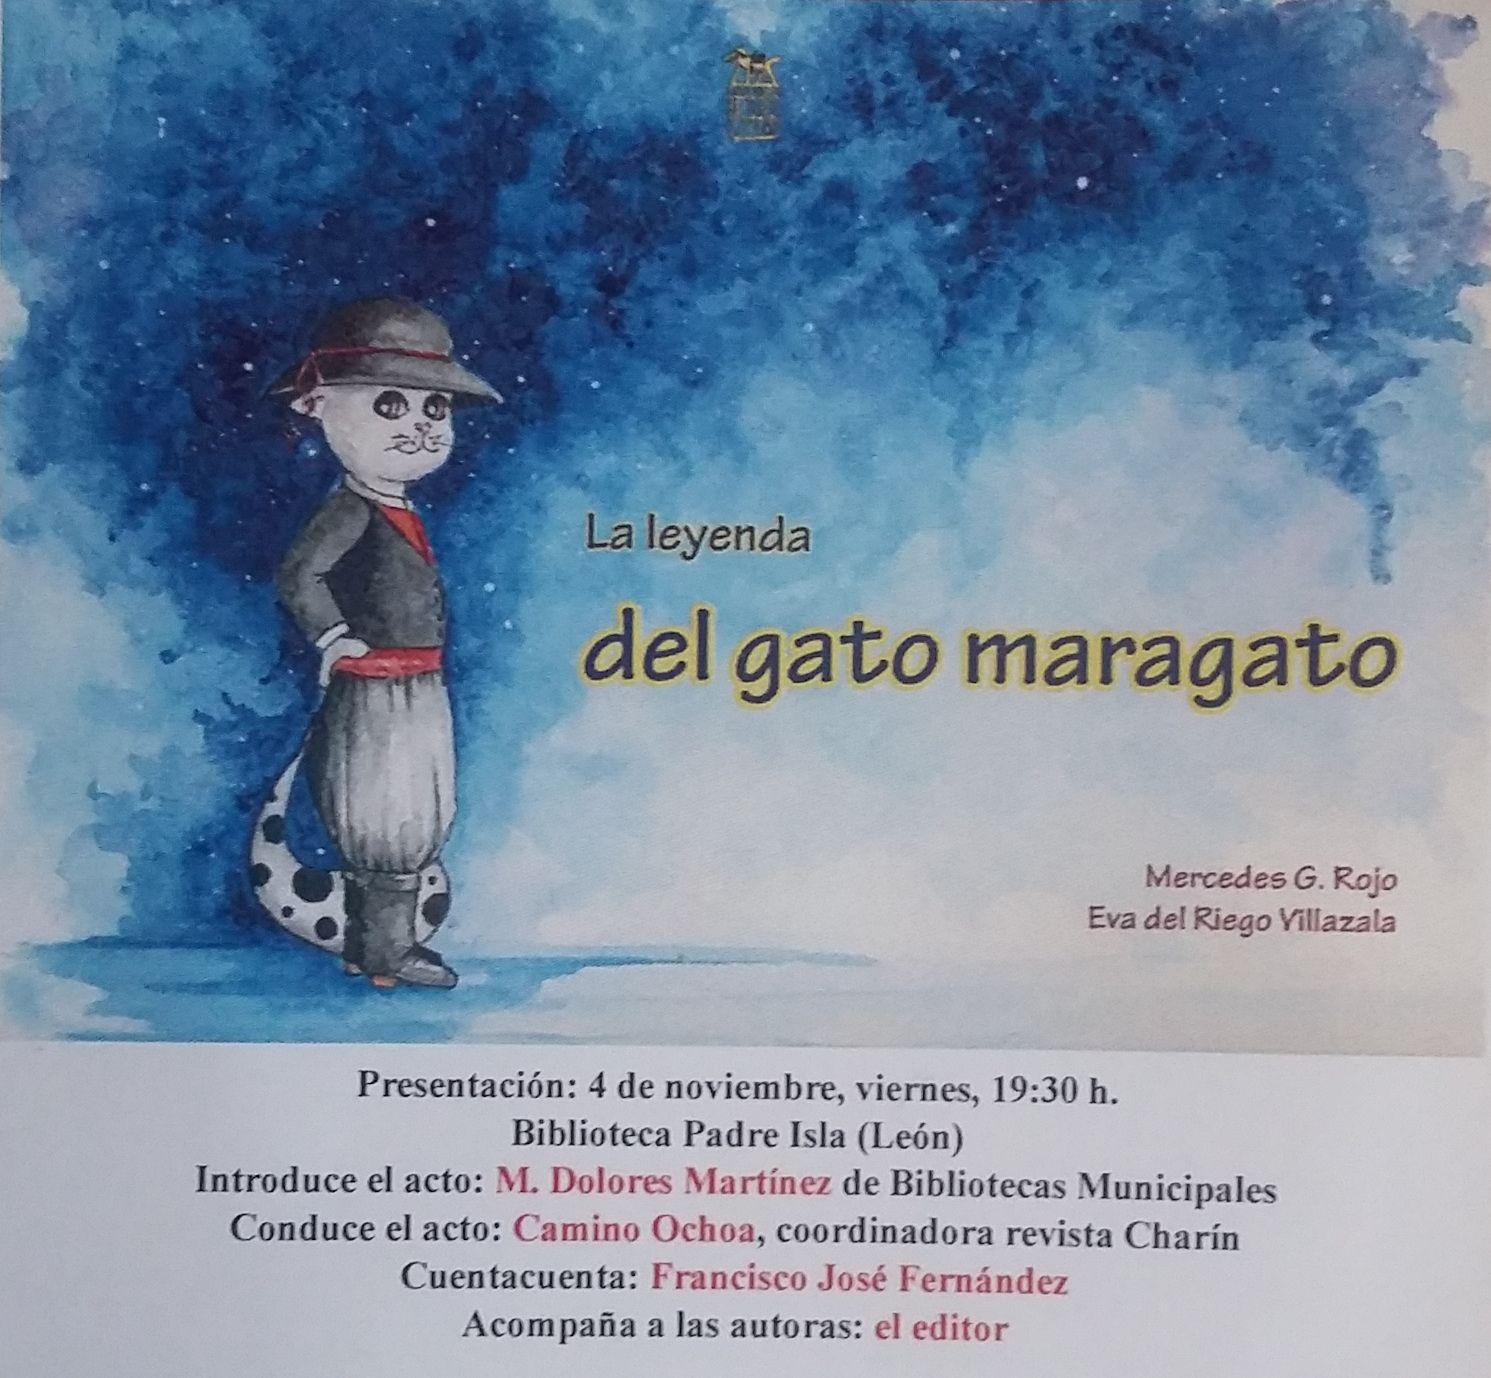 LA LEYENDA DEL GATO MARAGATO. Presentación oficial